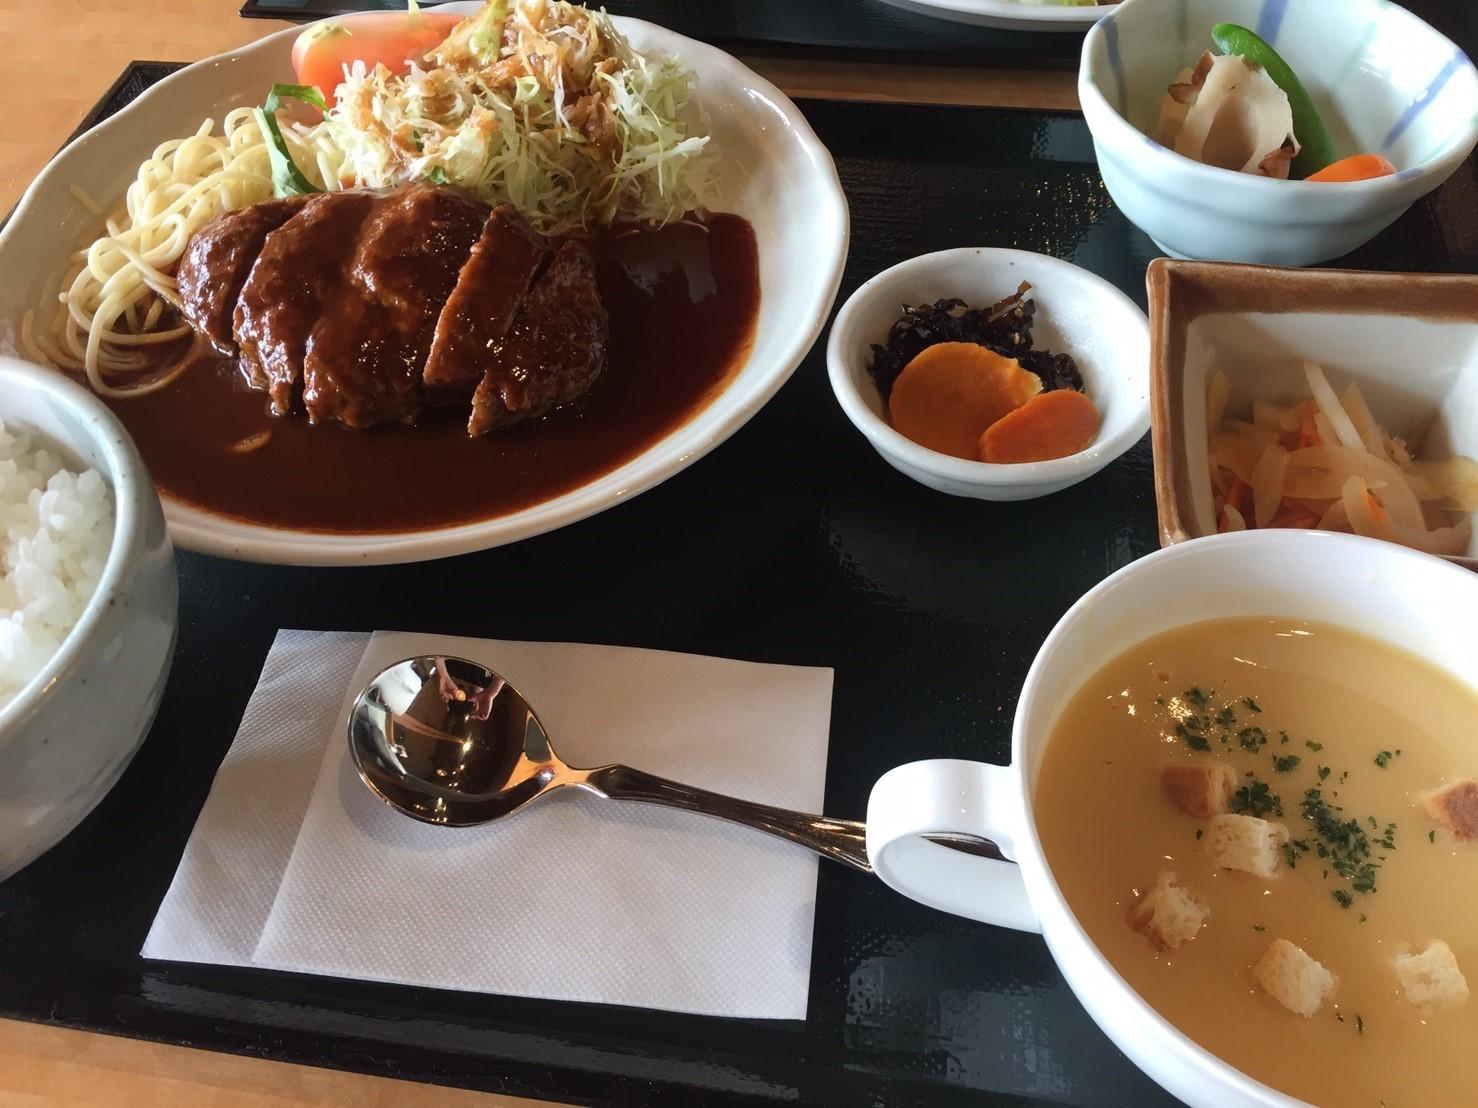 御食事処 ごきげん食堂  @道の駅かわはら_e0115904_16452308.jpg